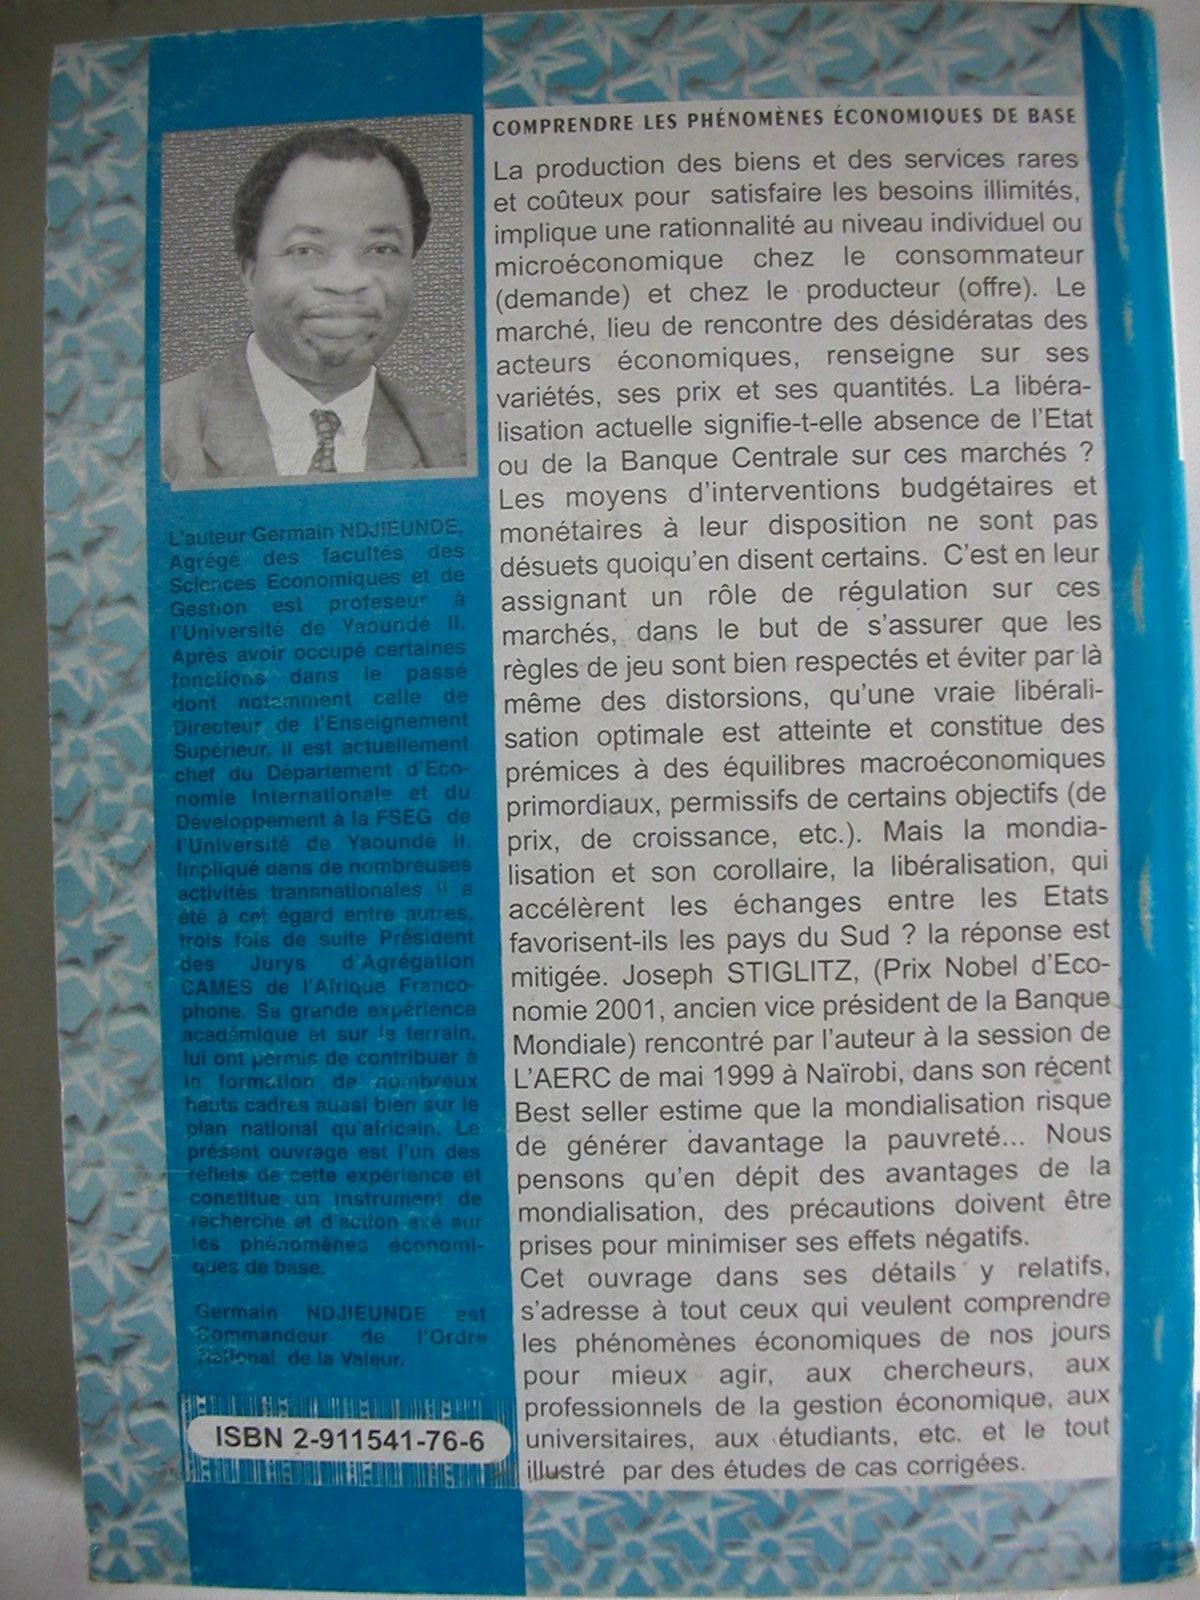 Comprendre les phénomènes économiques de base (2002)2